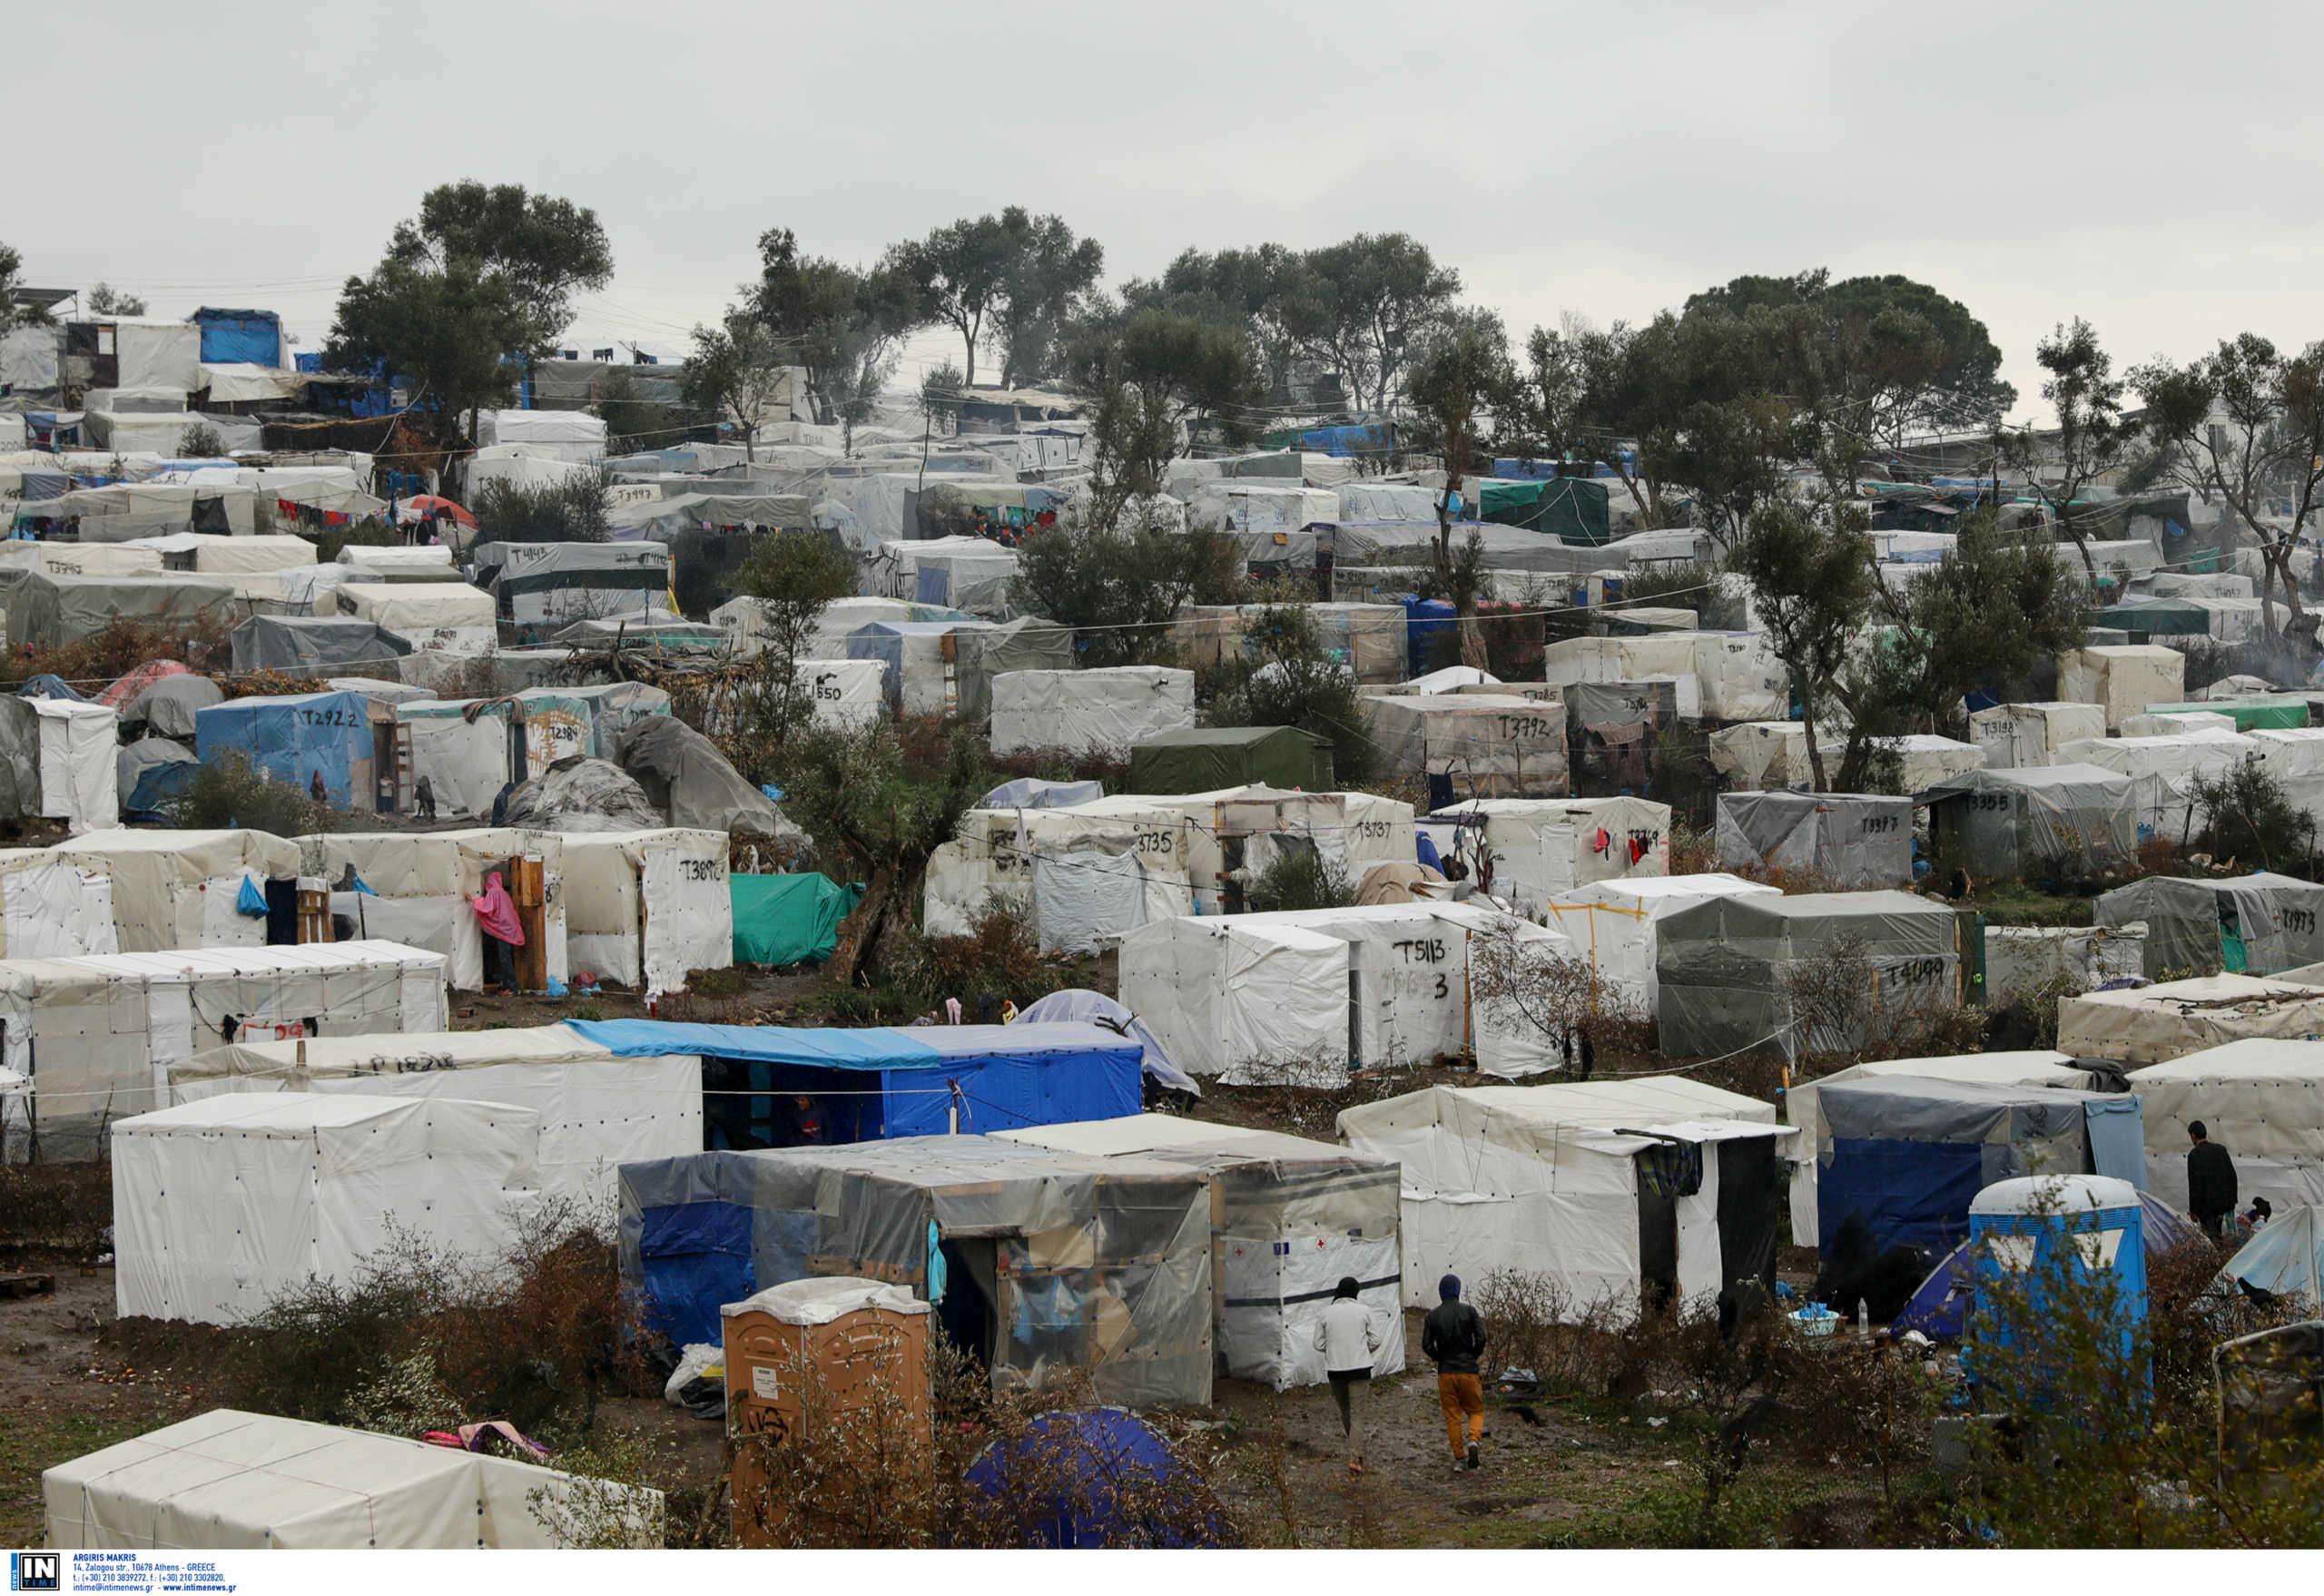 Κορονοϊός: Νέα στοιχεία για το πρώτο κρούσμα στη Μόρια! 14 μέρες καραντίνα στο ΚΥΤ